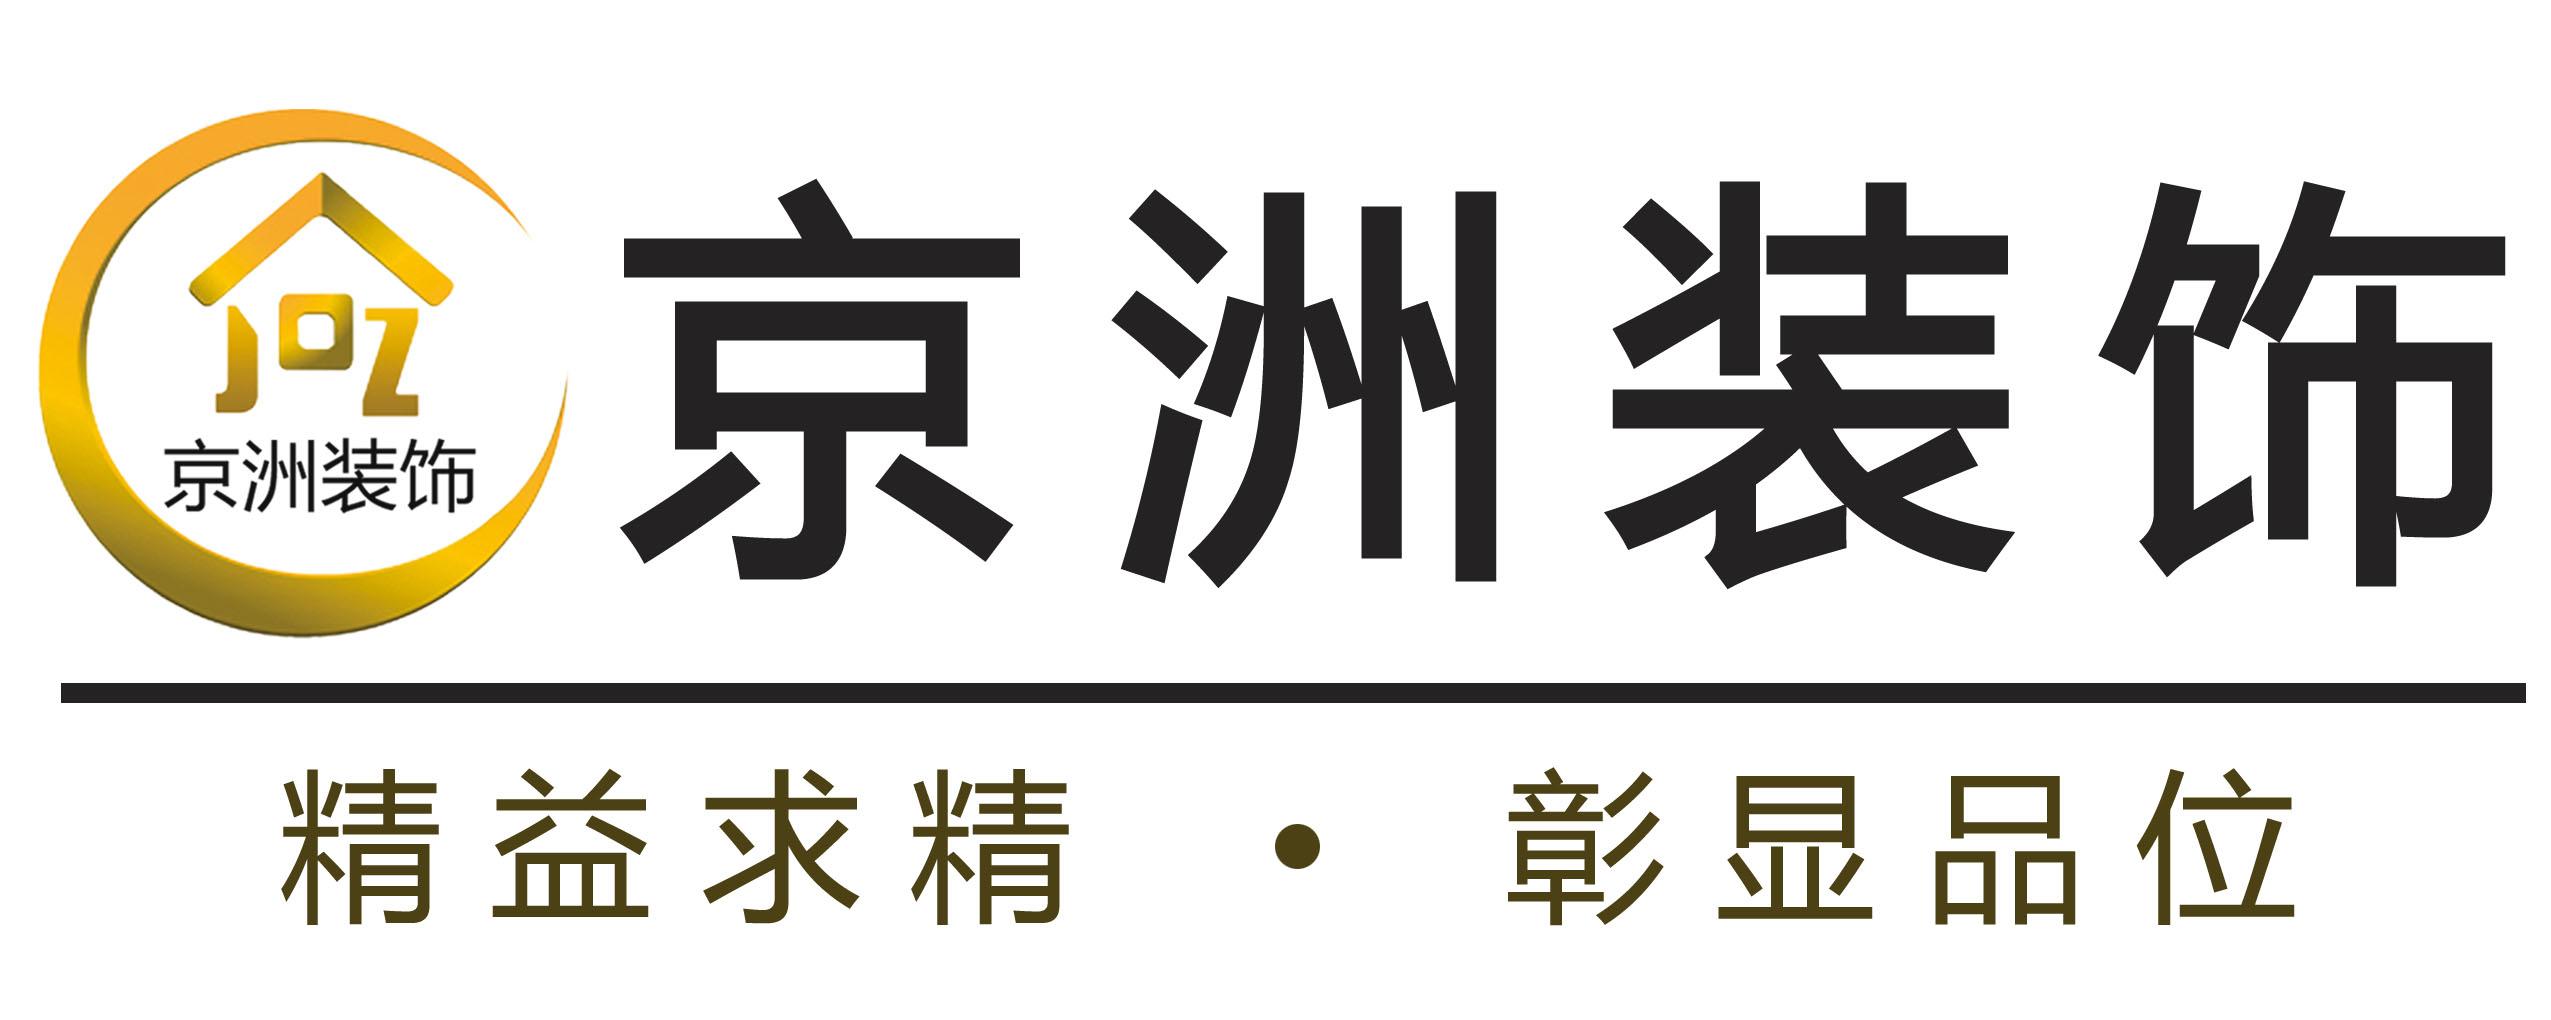 安阳京洲装饰有限公司